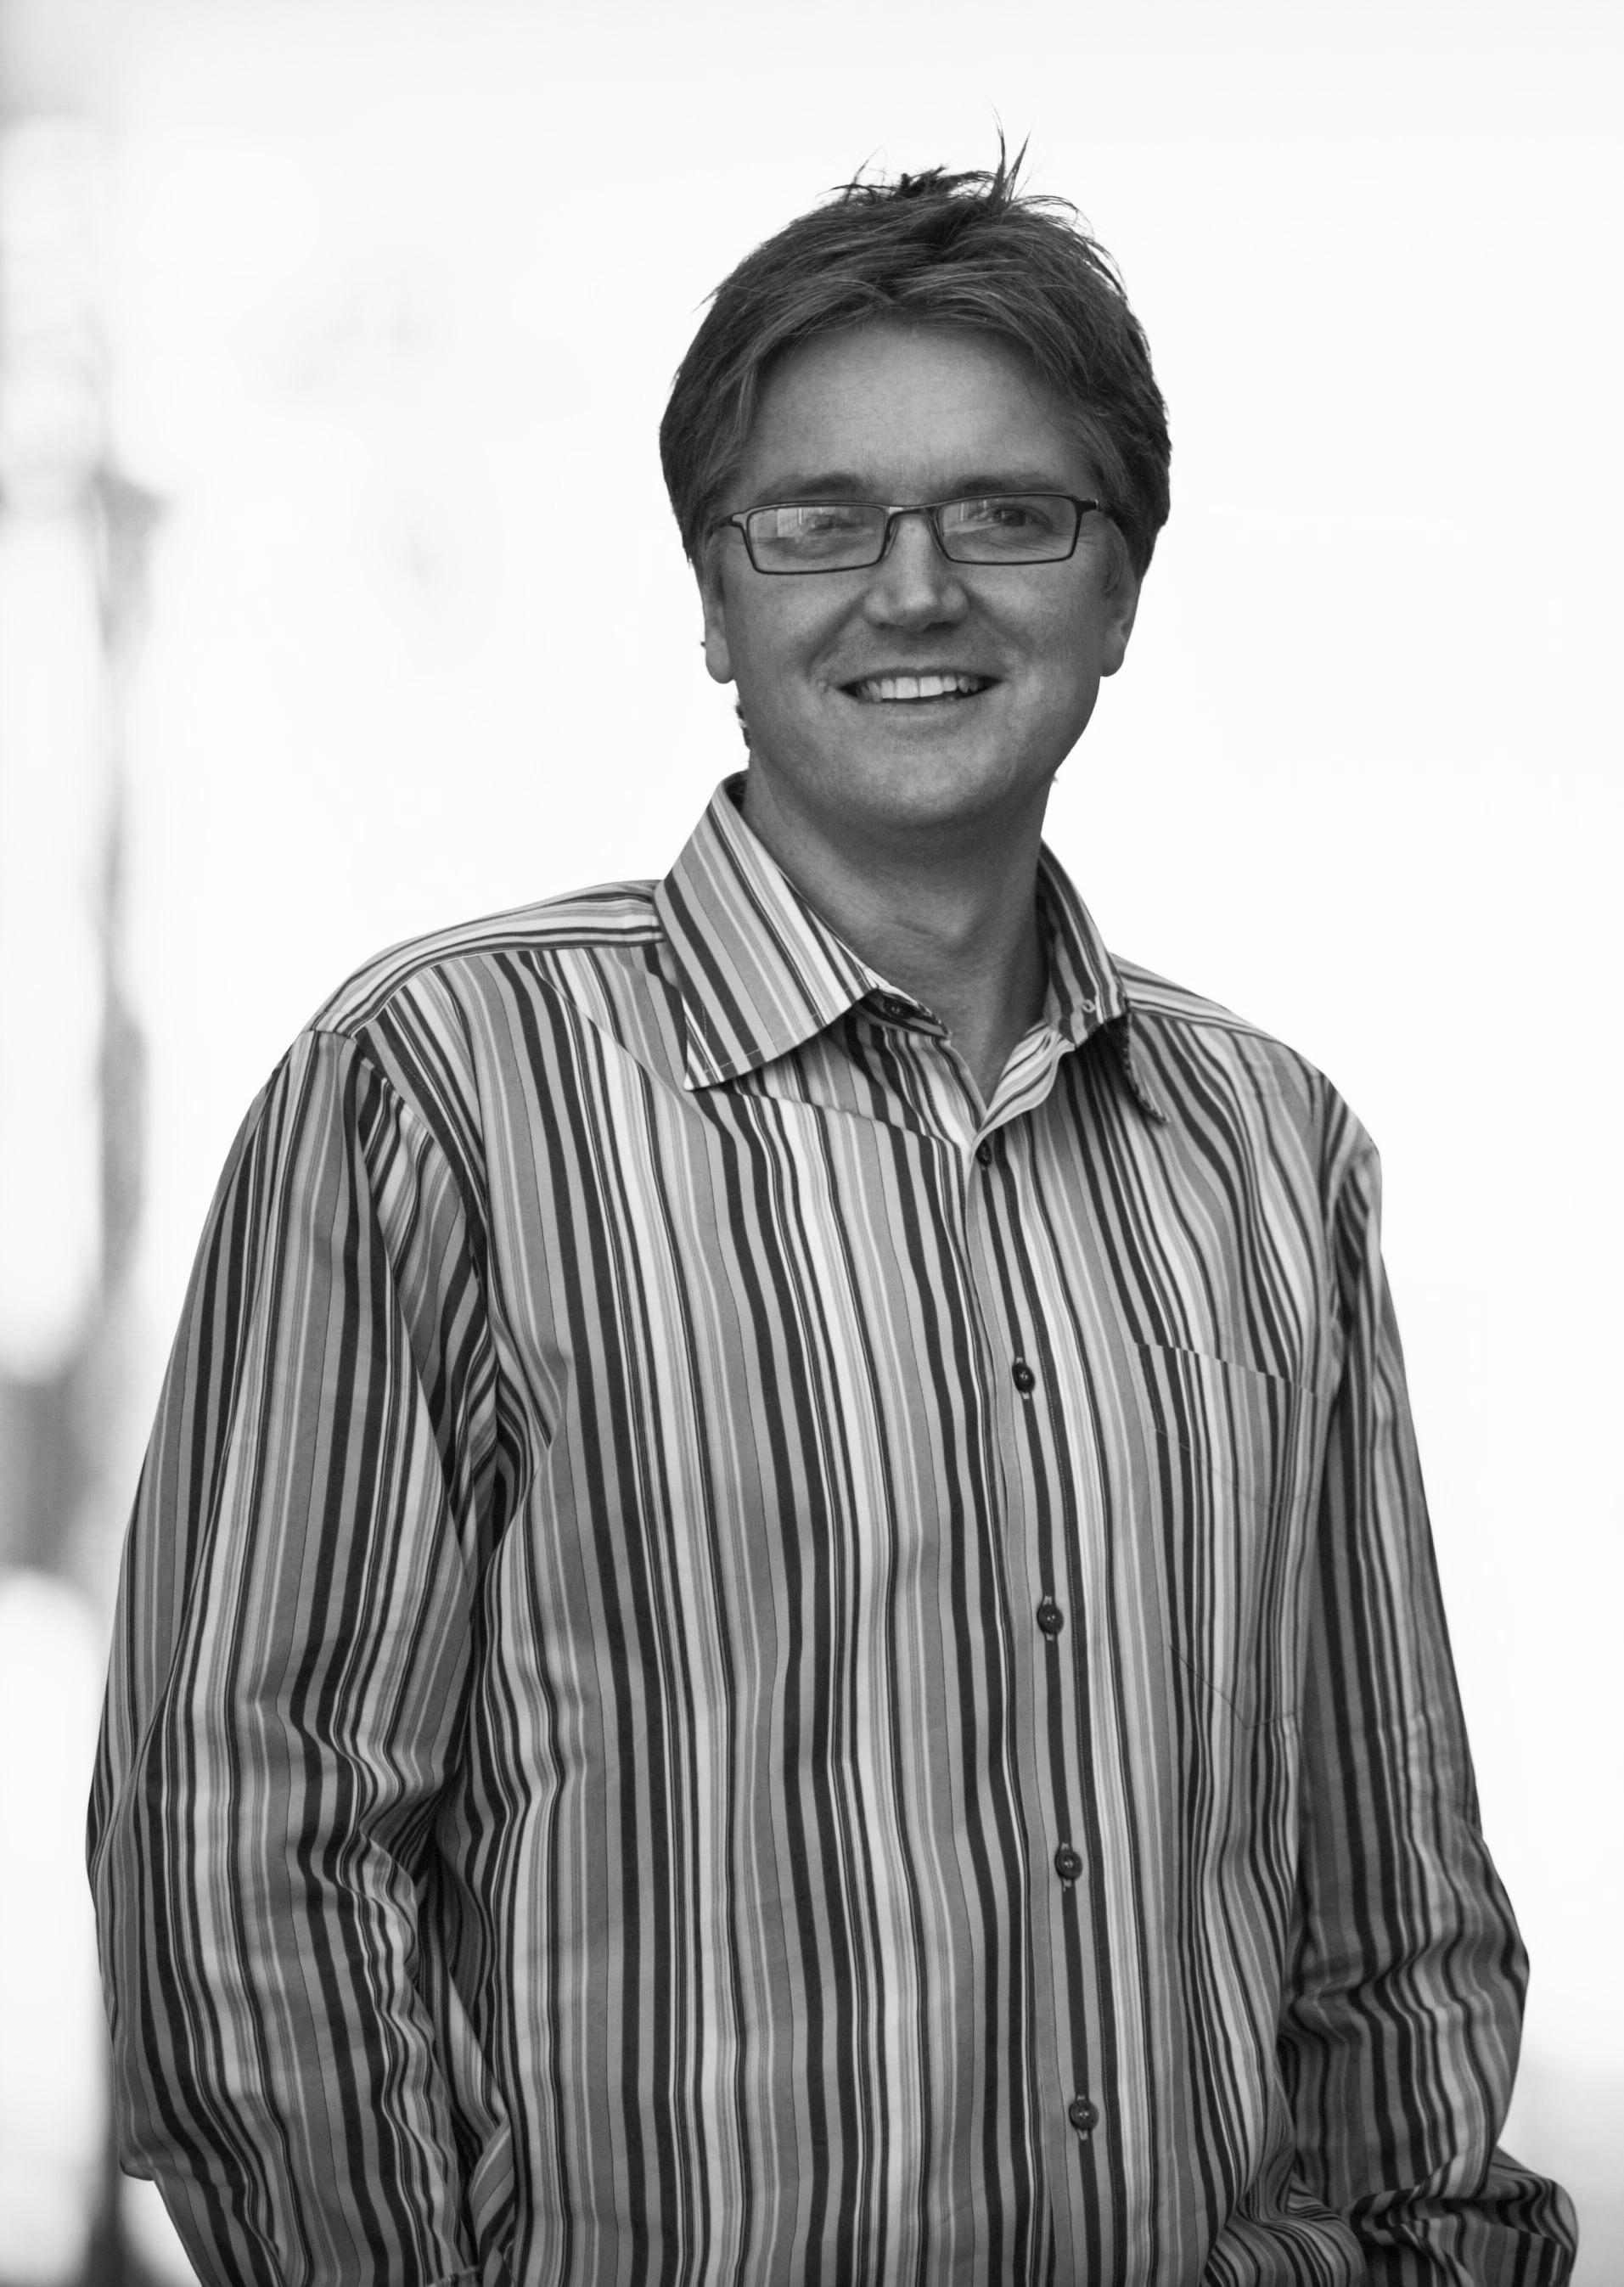 <div>Doug Penman</div><div>Meet Doug</div>